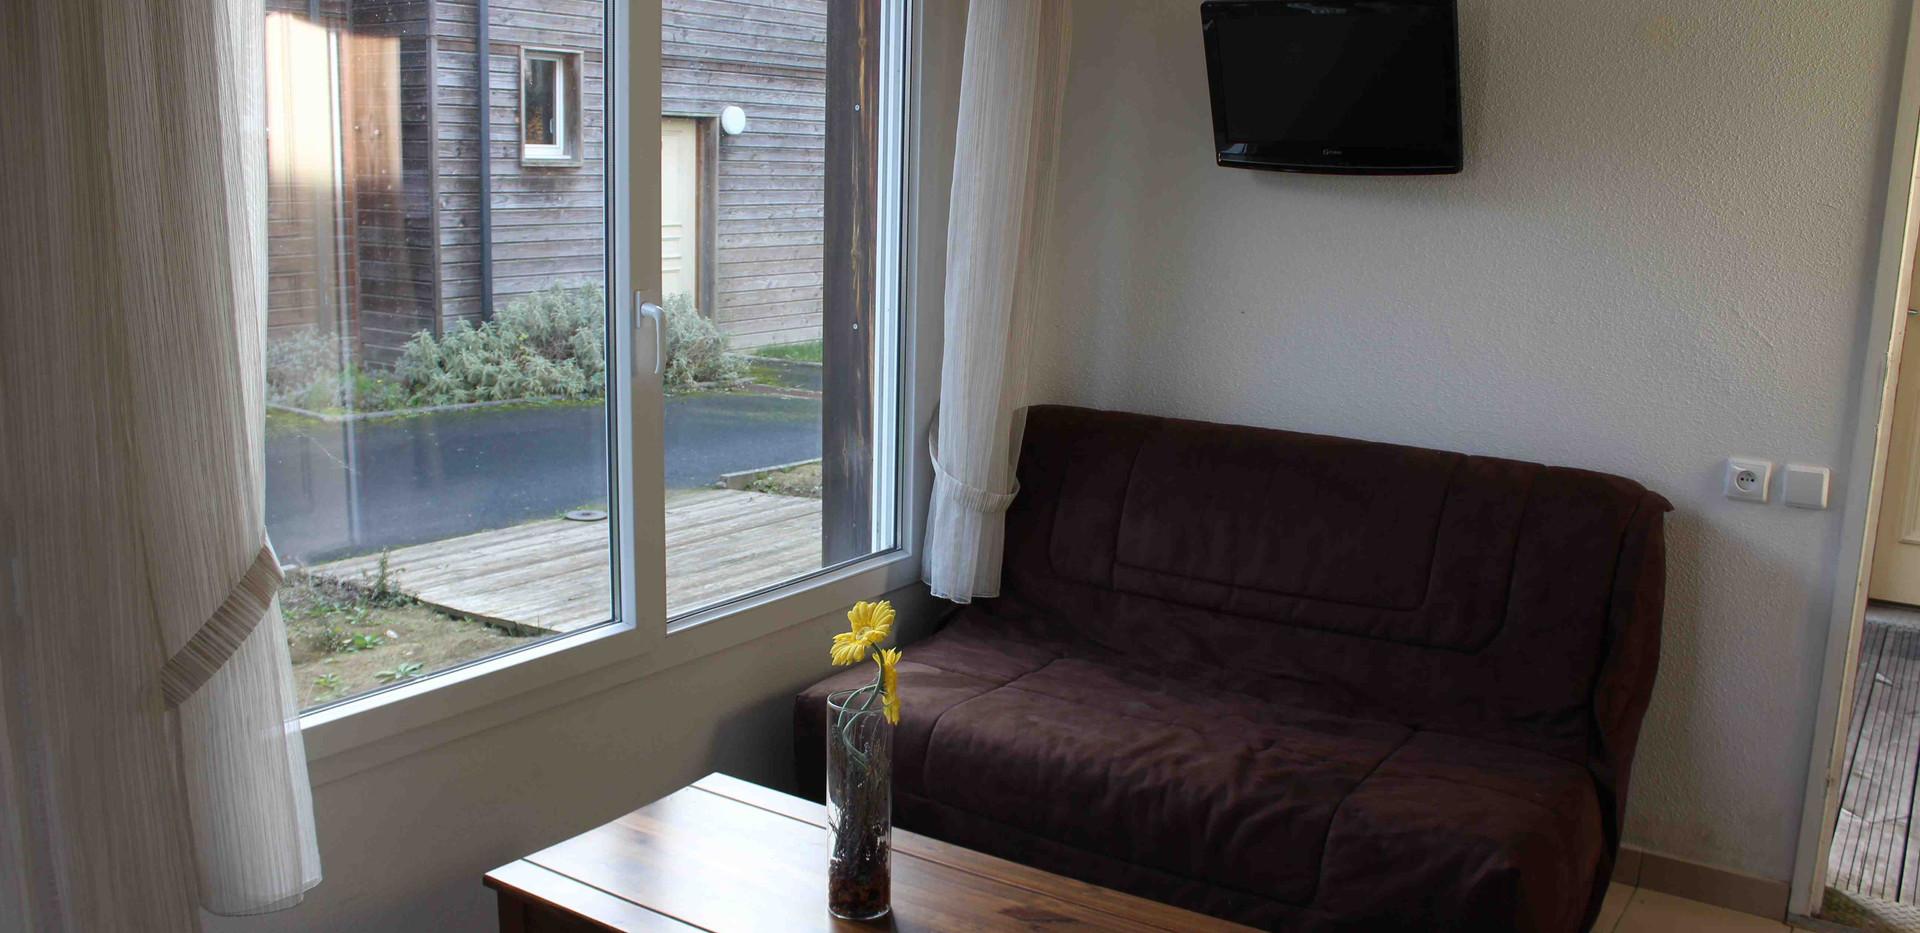 Appartement T2 - 2 pers - Séjour - Location vacances Gers - Domaine de Saint Orens